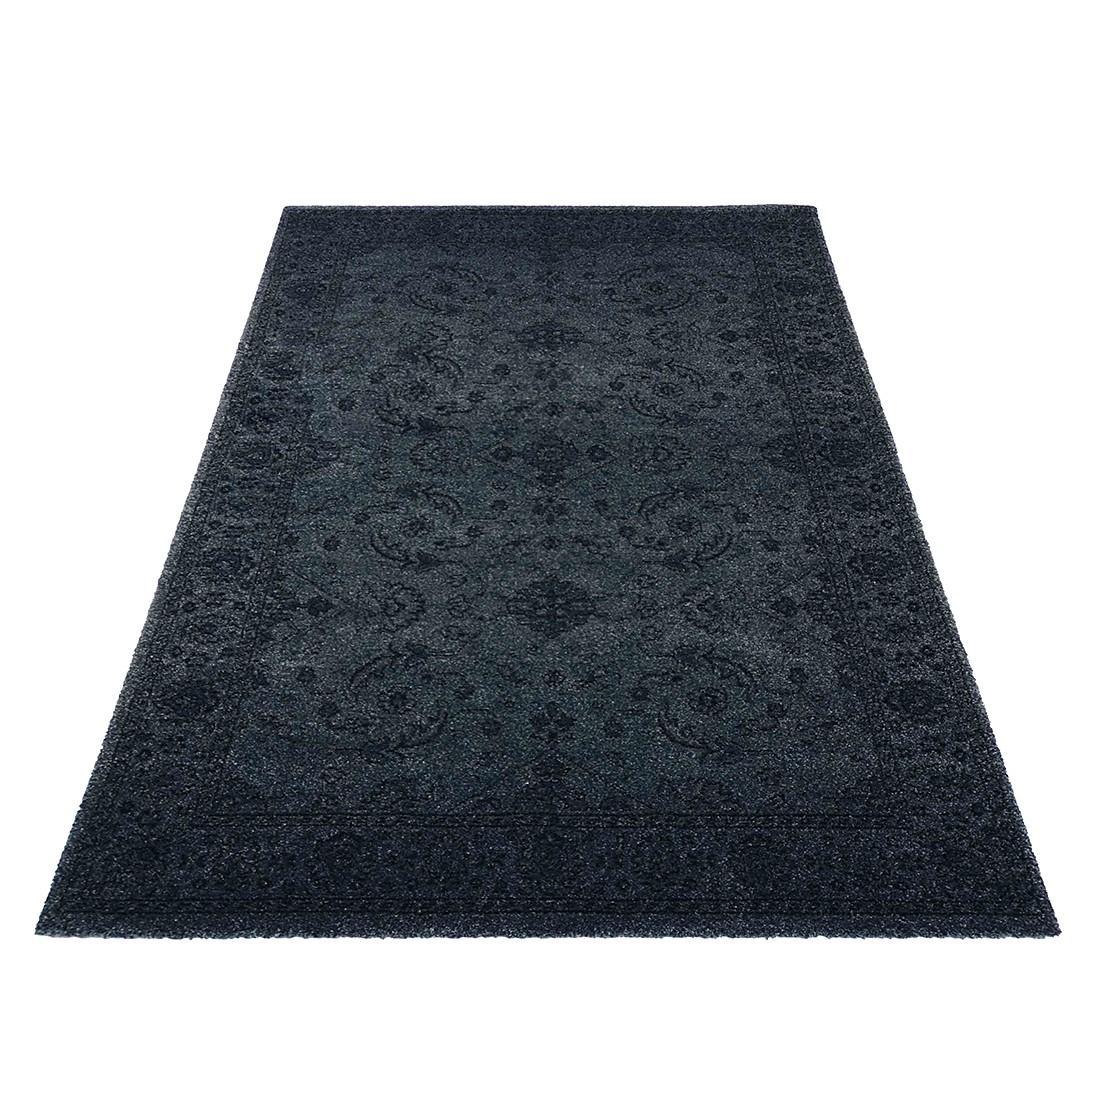 Teppich Trend Vintage – Blau – 140 x 200 cm, Home24Deko günstig bestellen